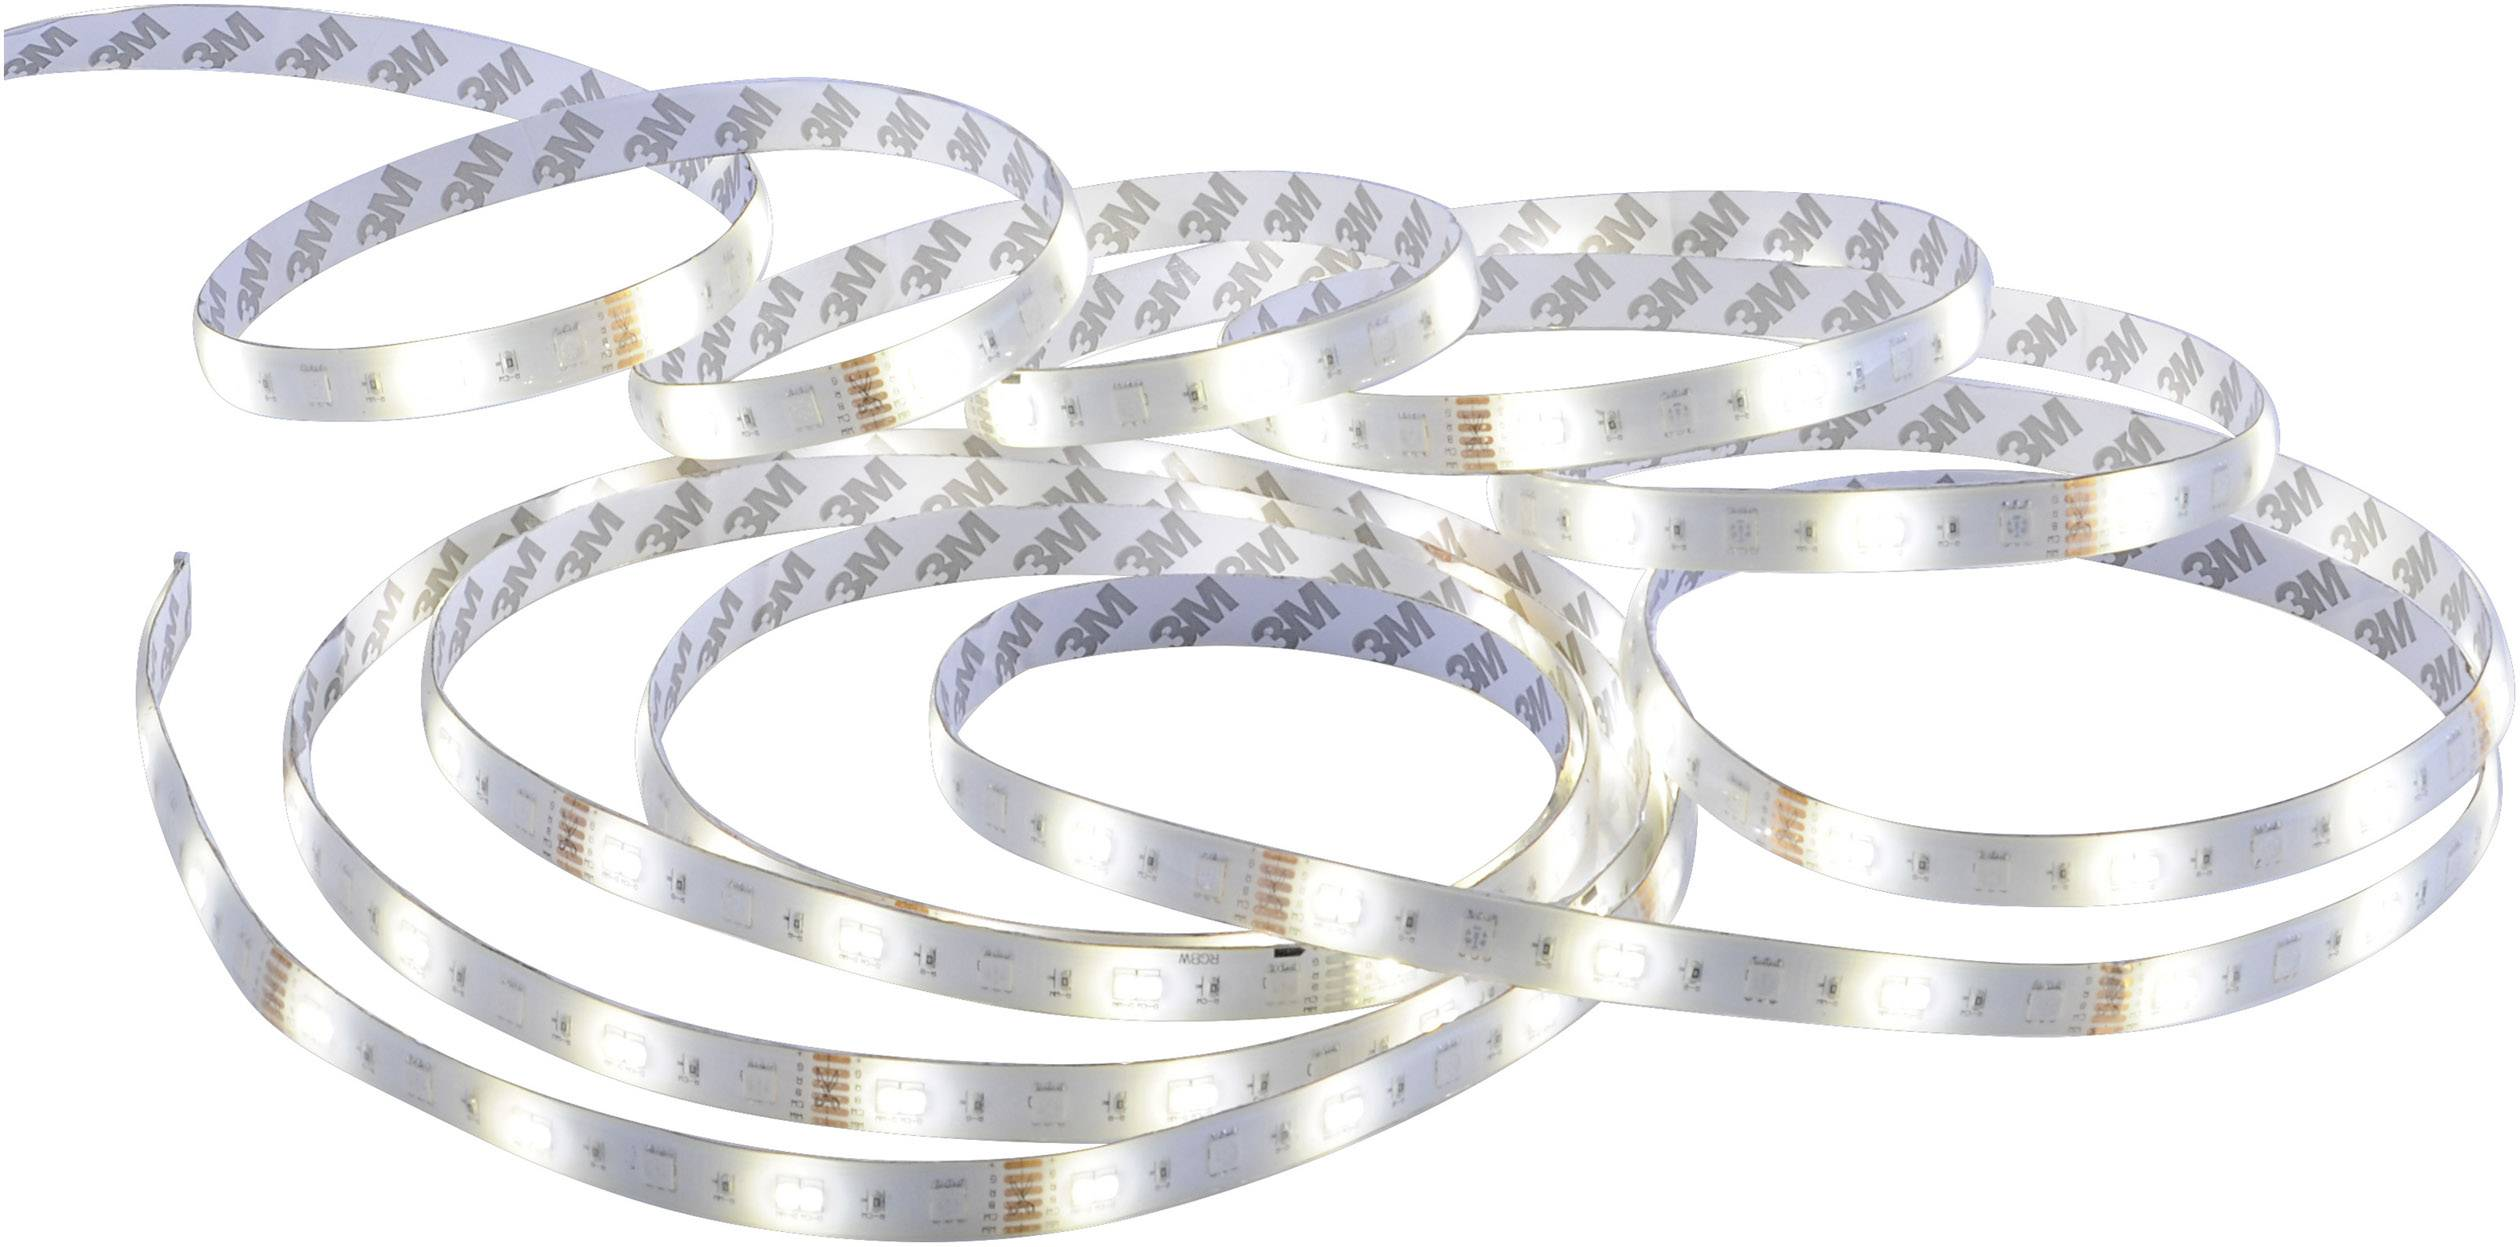 izdelek-leuchtendirekt-lolasmart-fritz-svetlobna-cev-5000-mm